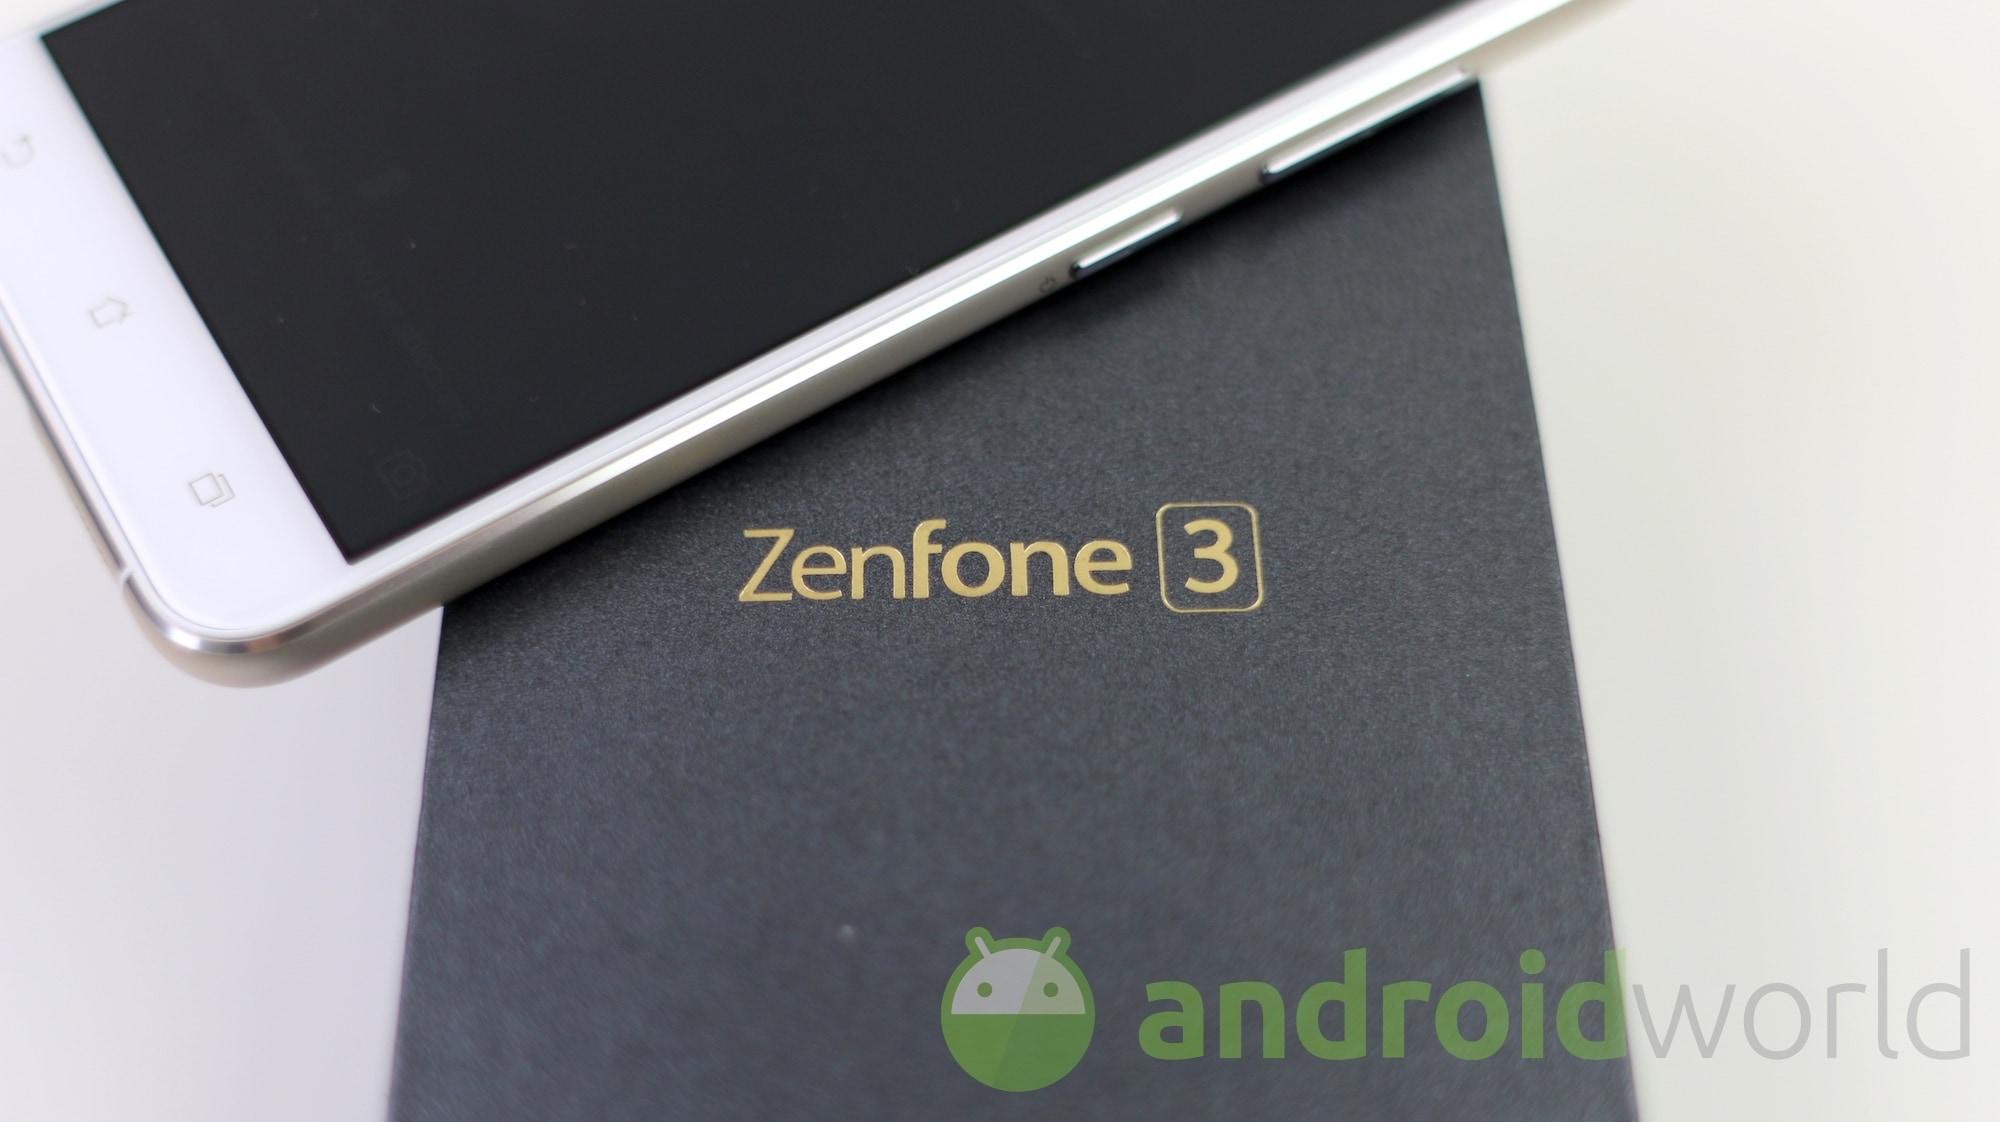 ZenFone 3 è già calato di prezzo, è acquistabile a 319€, e c'è anche Moto G4 a 189€